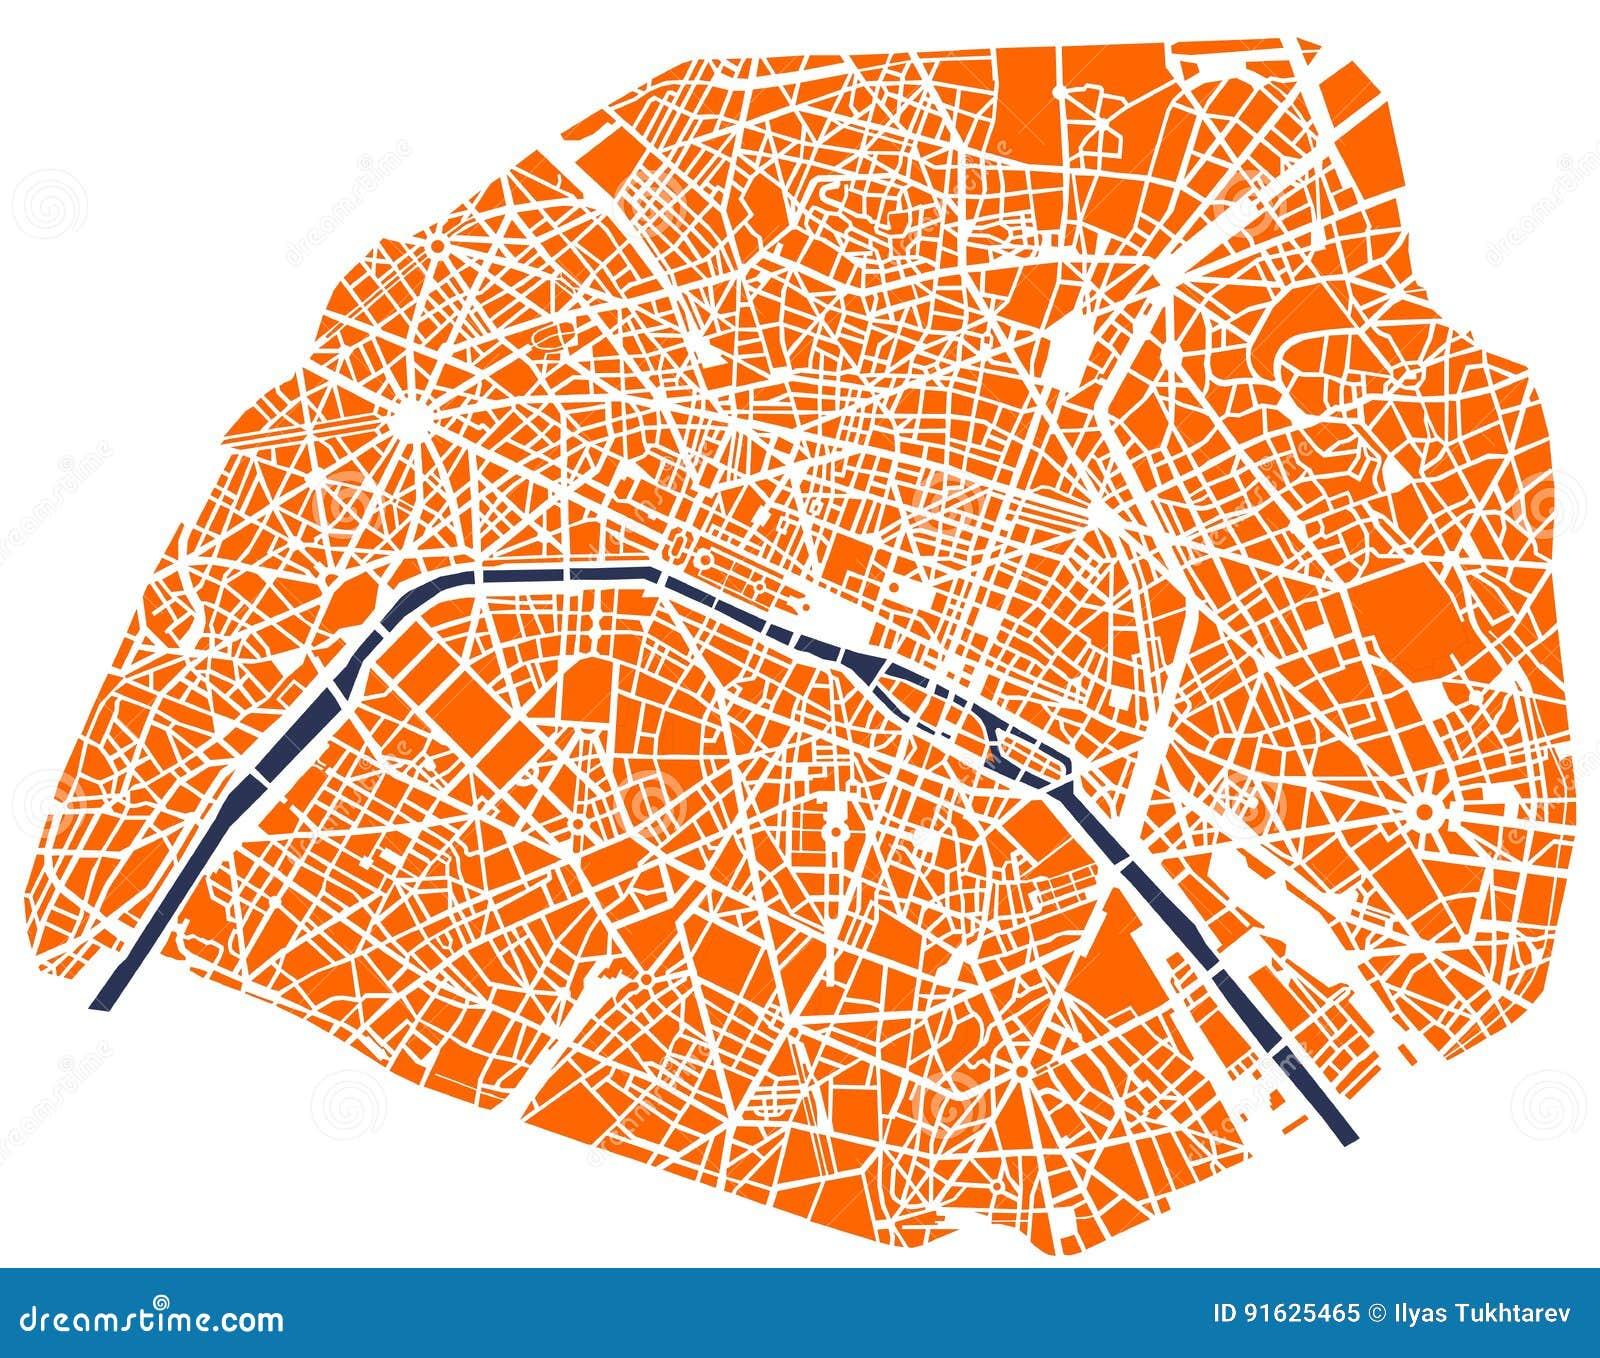 Cartina Politica Di Parigi.Mappa Della Citta Di Parigi Francia Illustrazione Vettoriale Illustrazione Di Fiume Verde 91625465